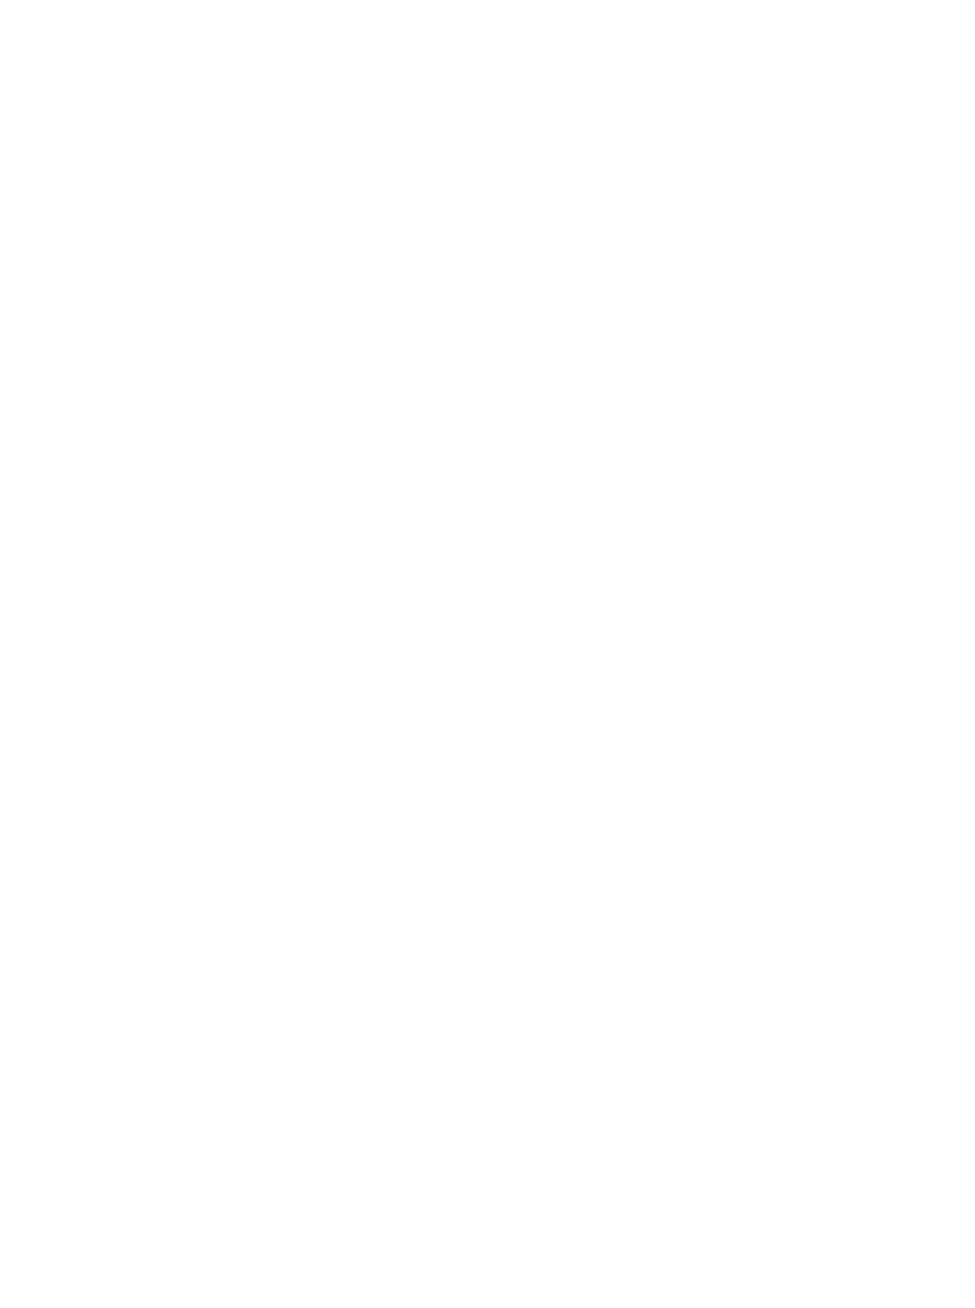 30 Forensics